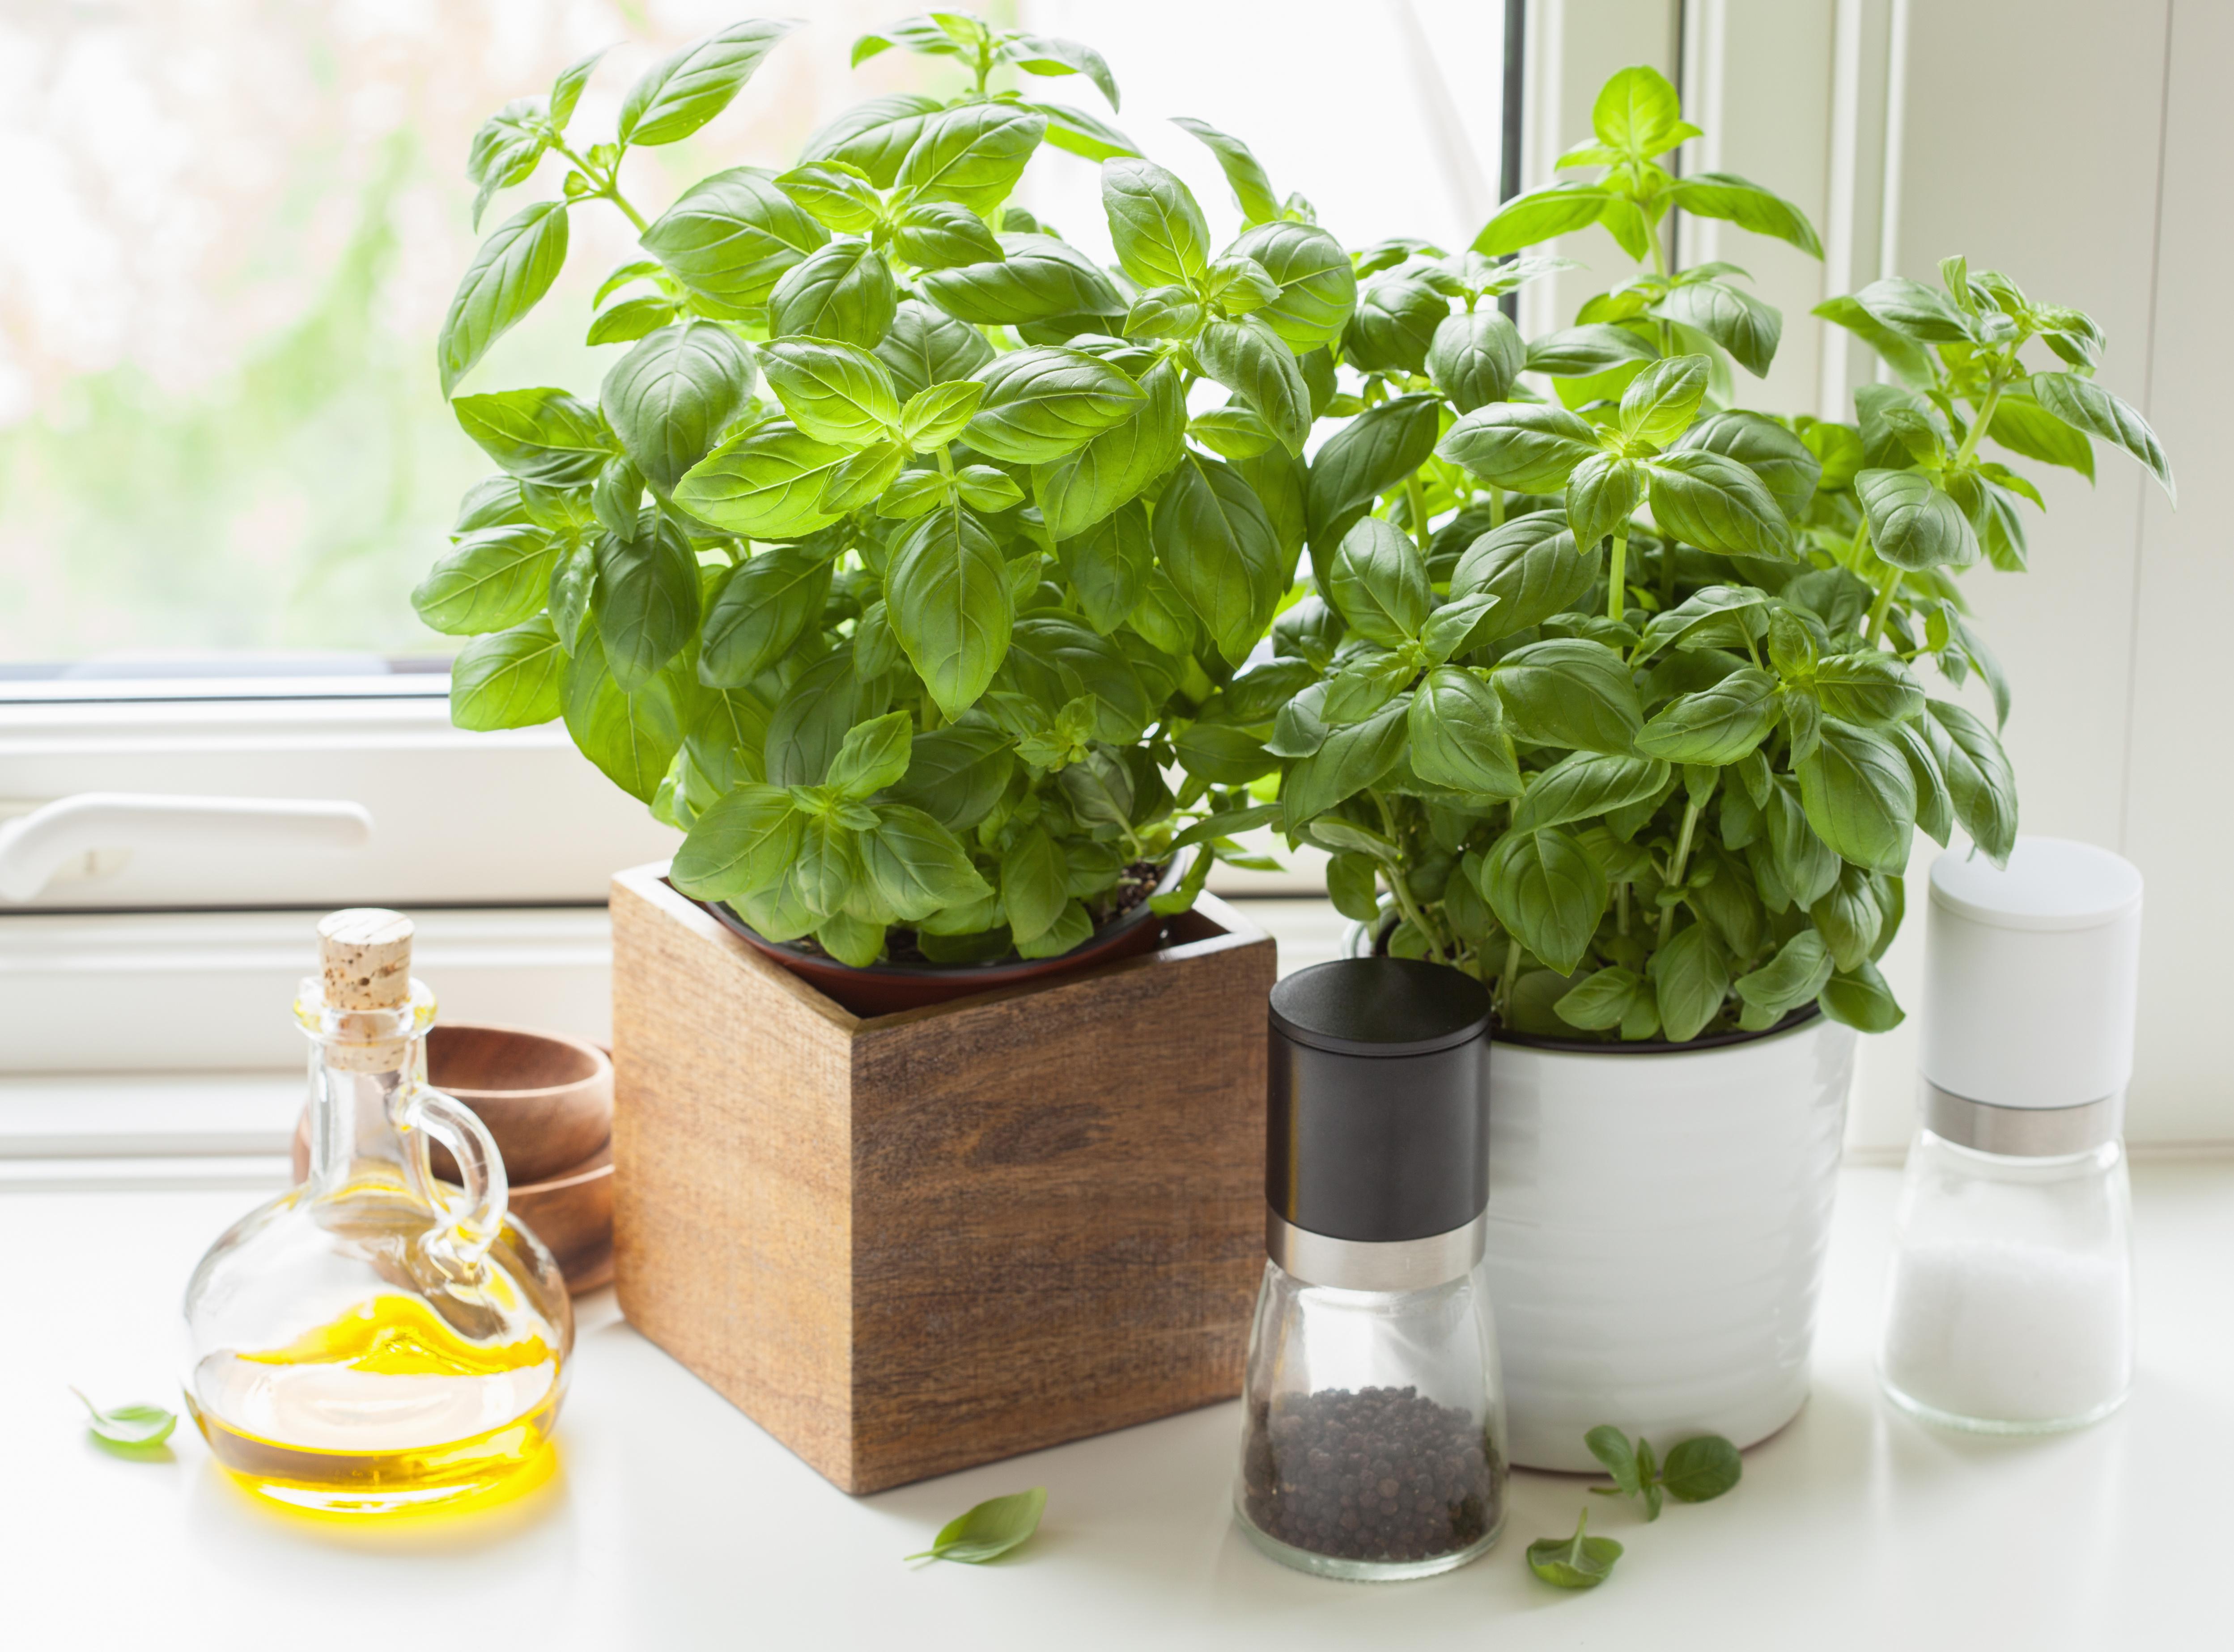 Roślina, która świetnie smakuje jako dodatek do mozzarelli i pomidorów to: